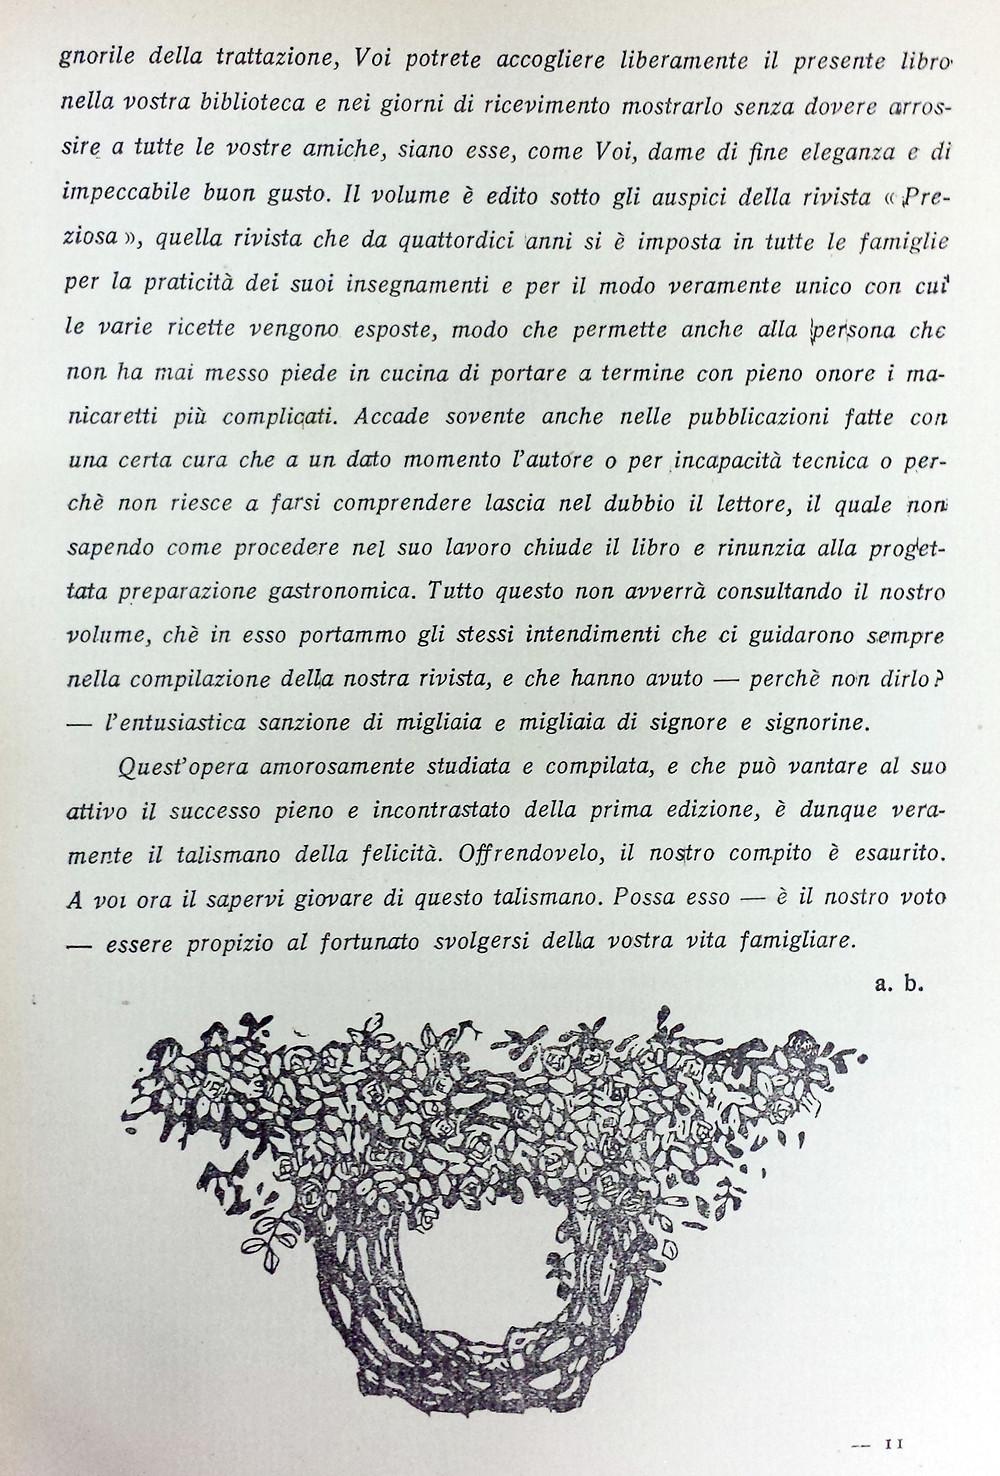 TALISMANO 08